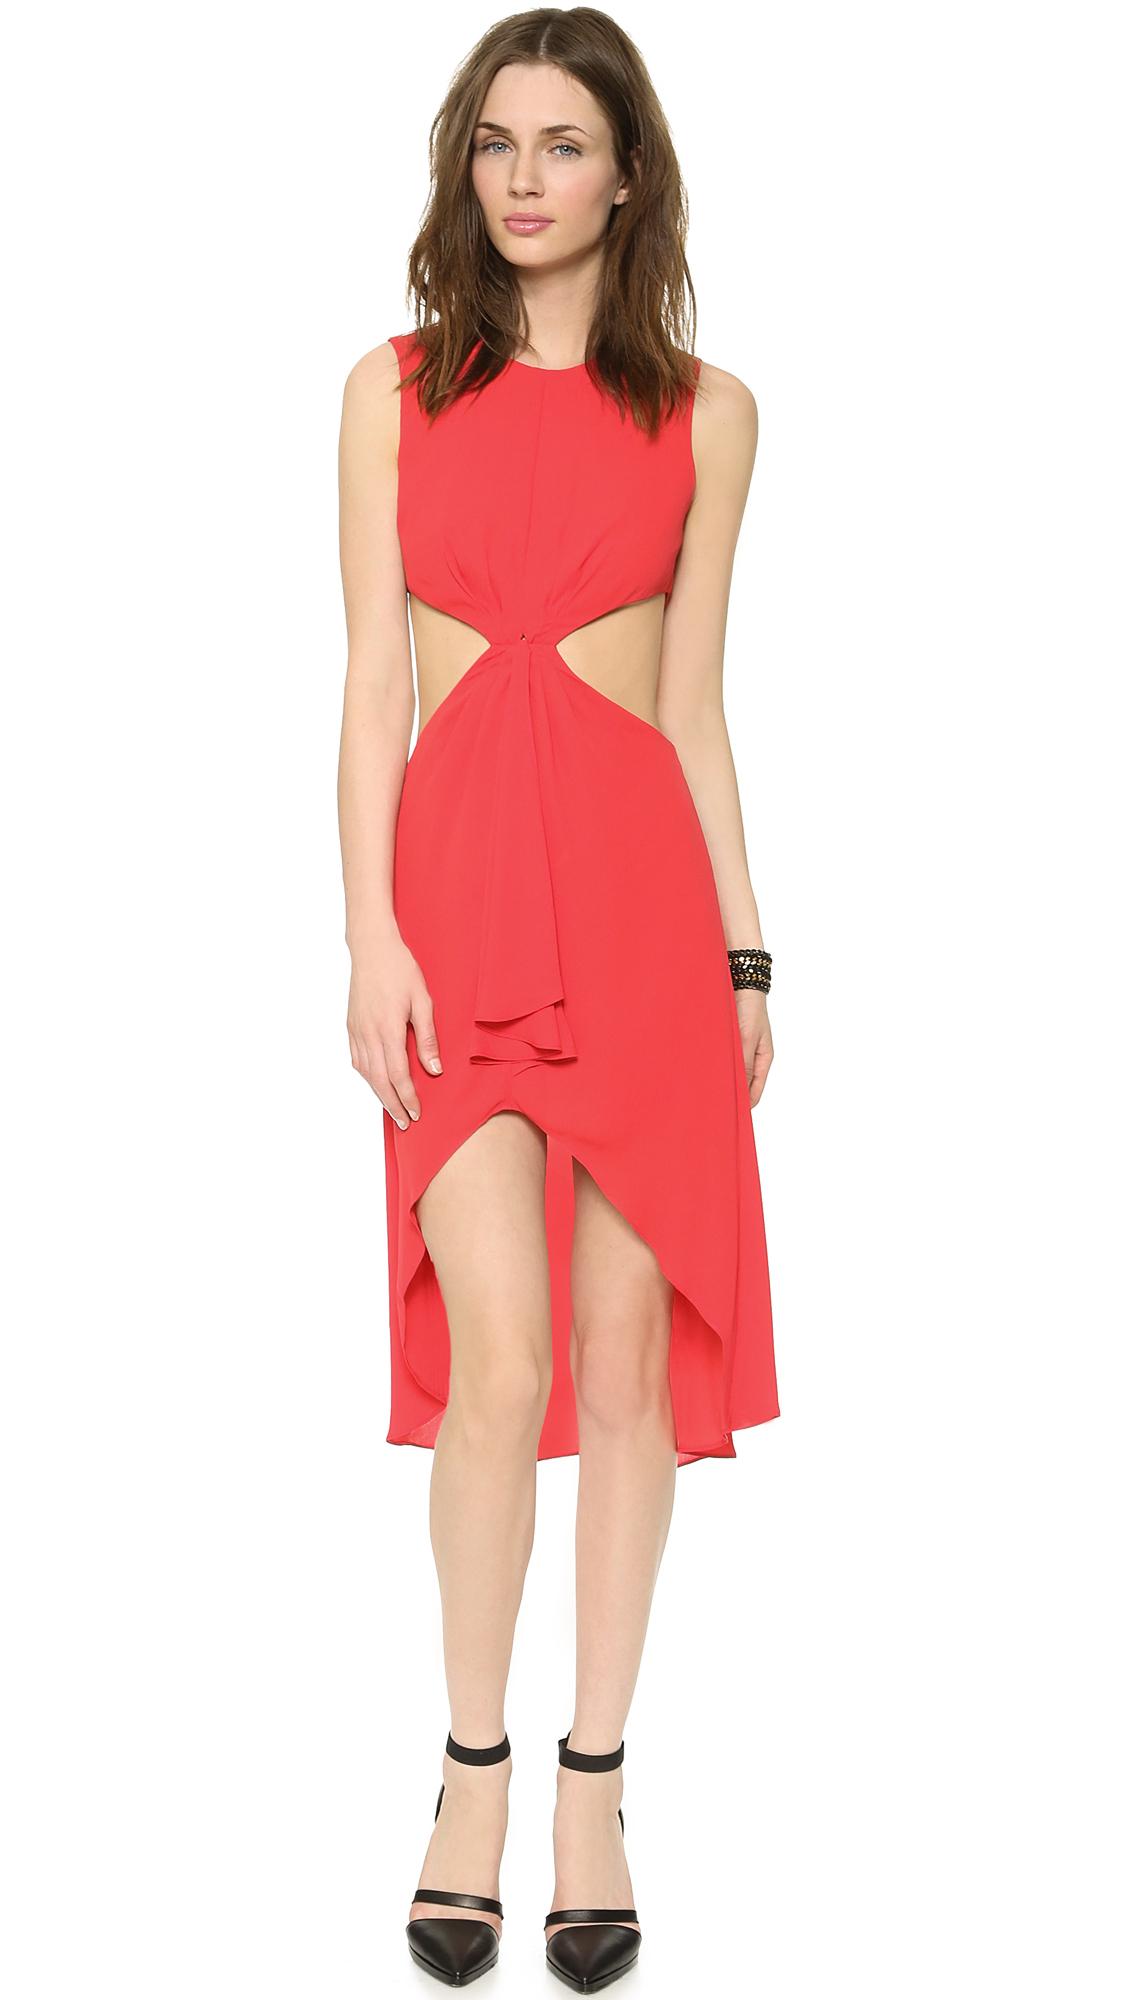 93d7c5cc4e Lyst - BCBGMAXAZRIA Victoria Side Cutout Dress - Lipstick Red in Red